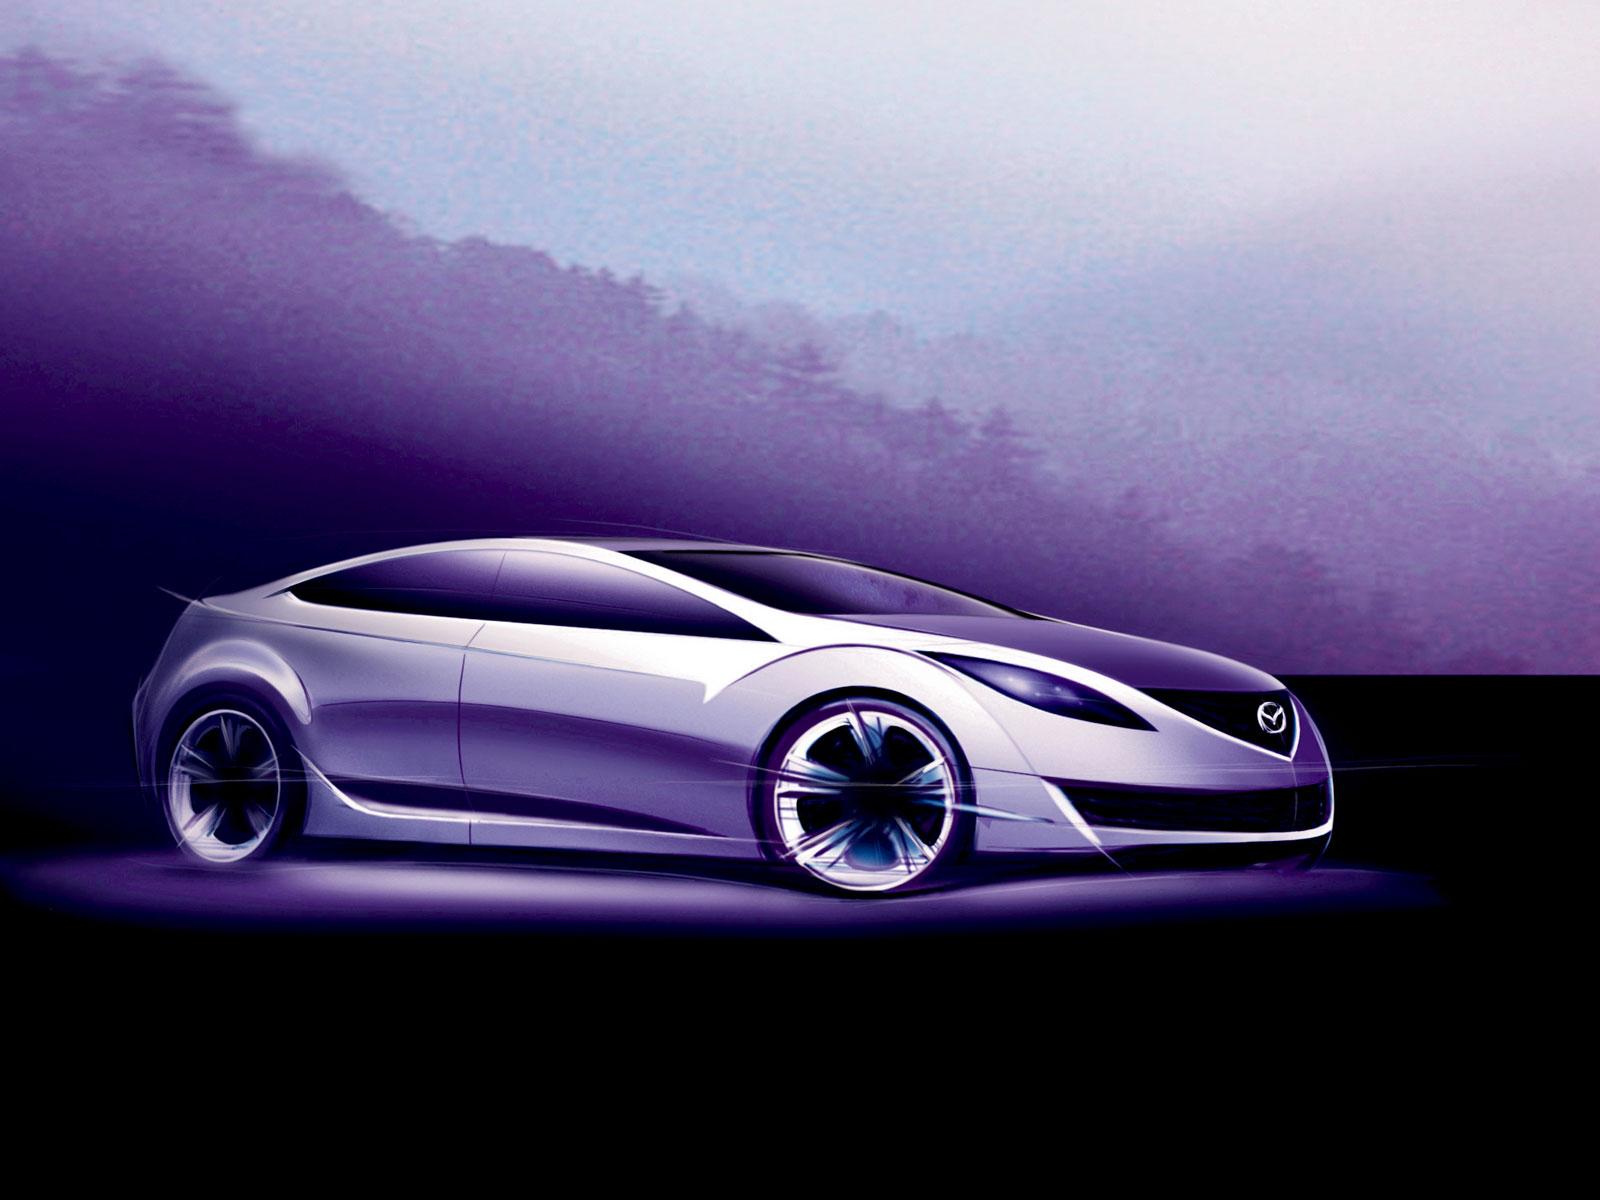 [Présentation] Le design par Mazda - Page 2 _Mazda-6-Design-Sketch-1-lg